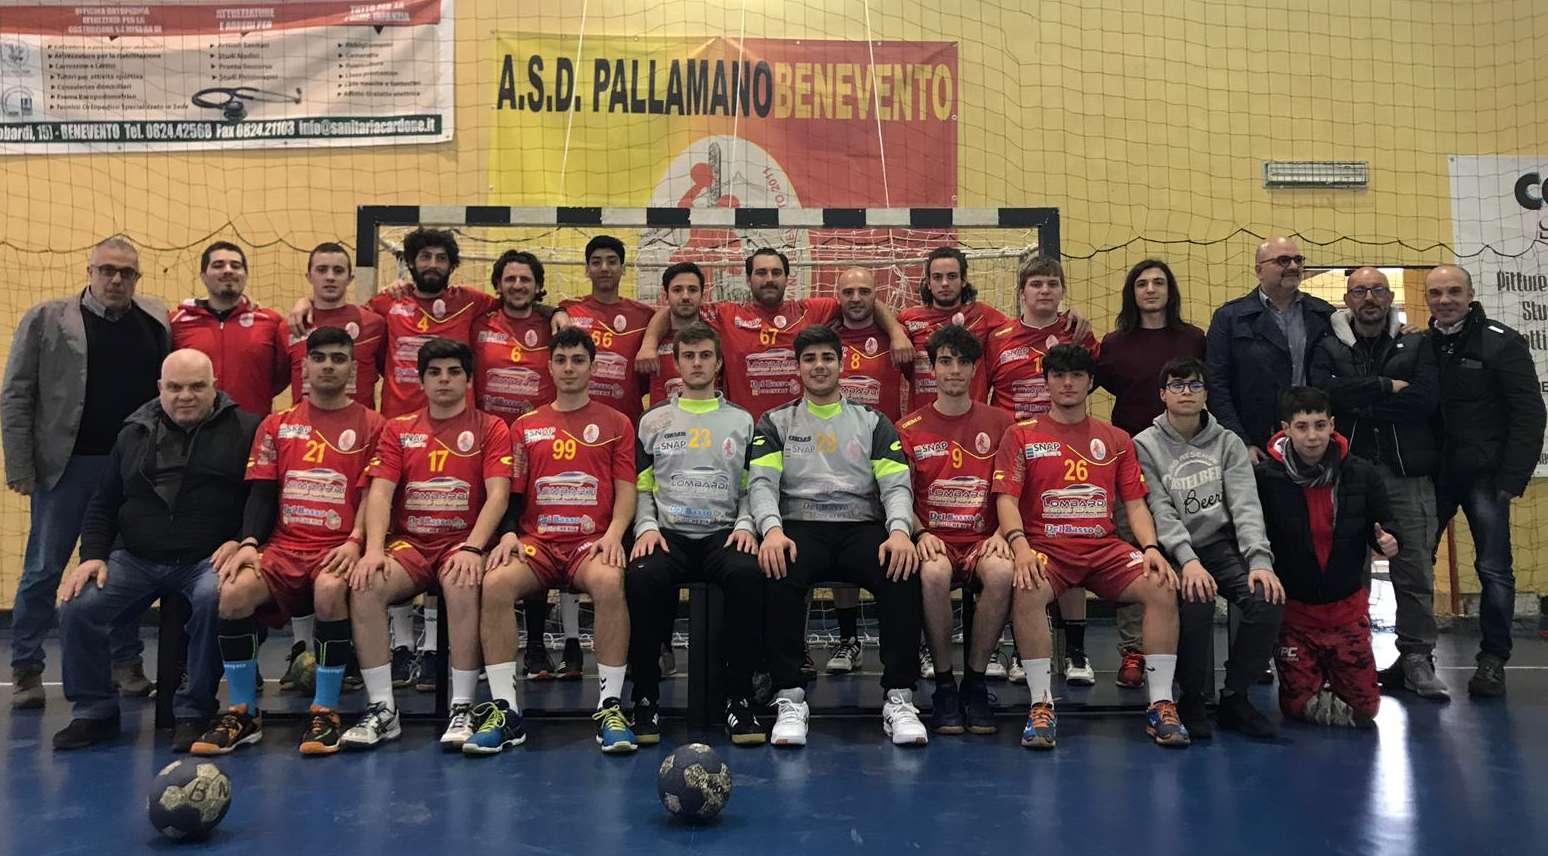 La Pallamano Benevento vola alle final eight per la A1: ecco le avversarie